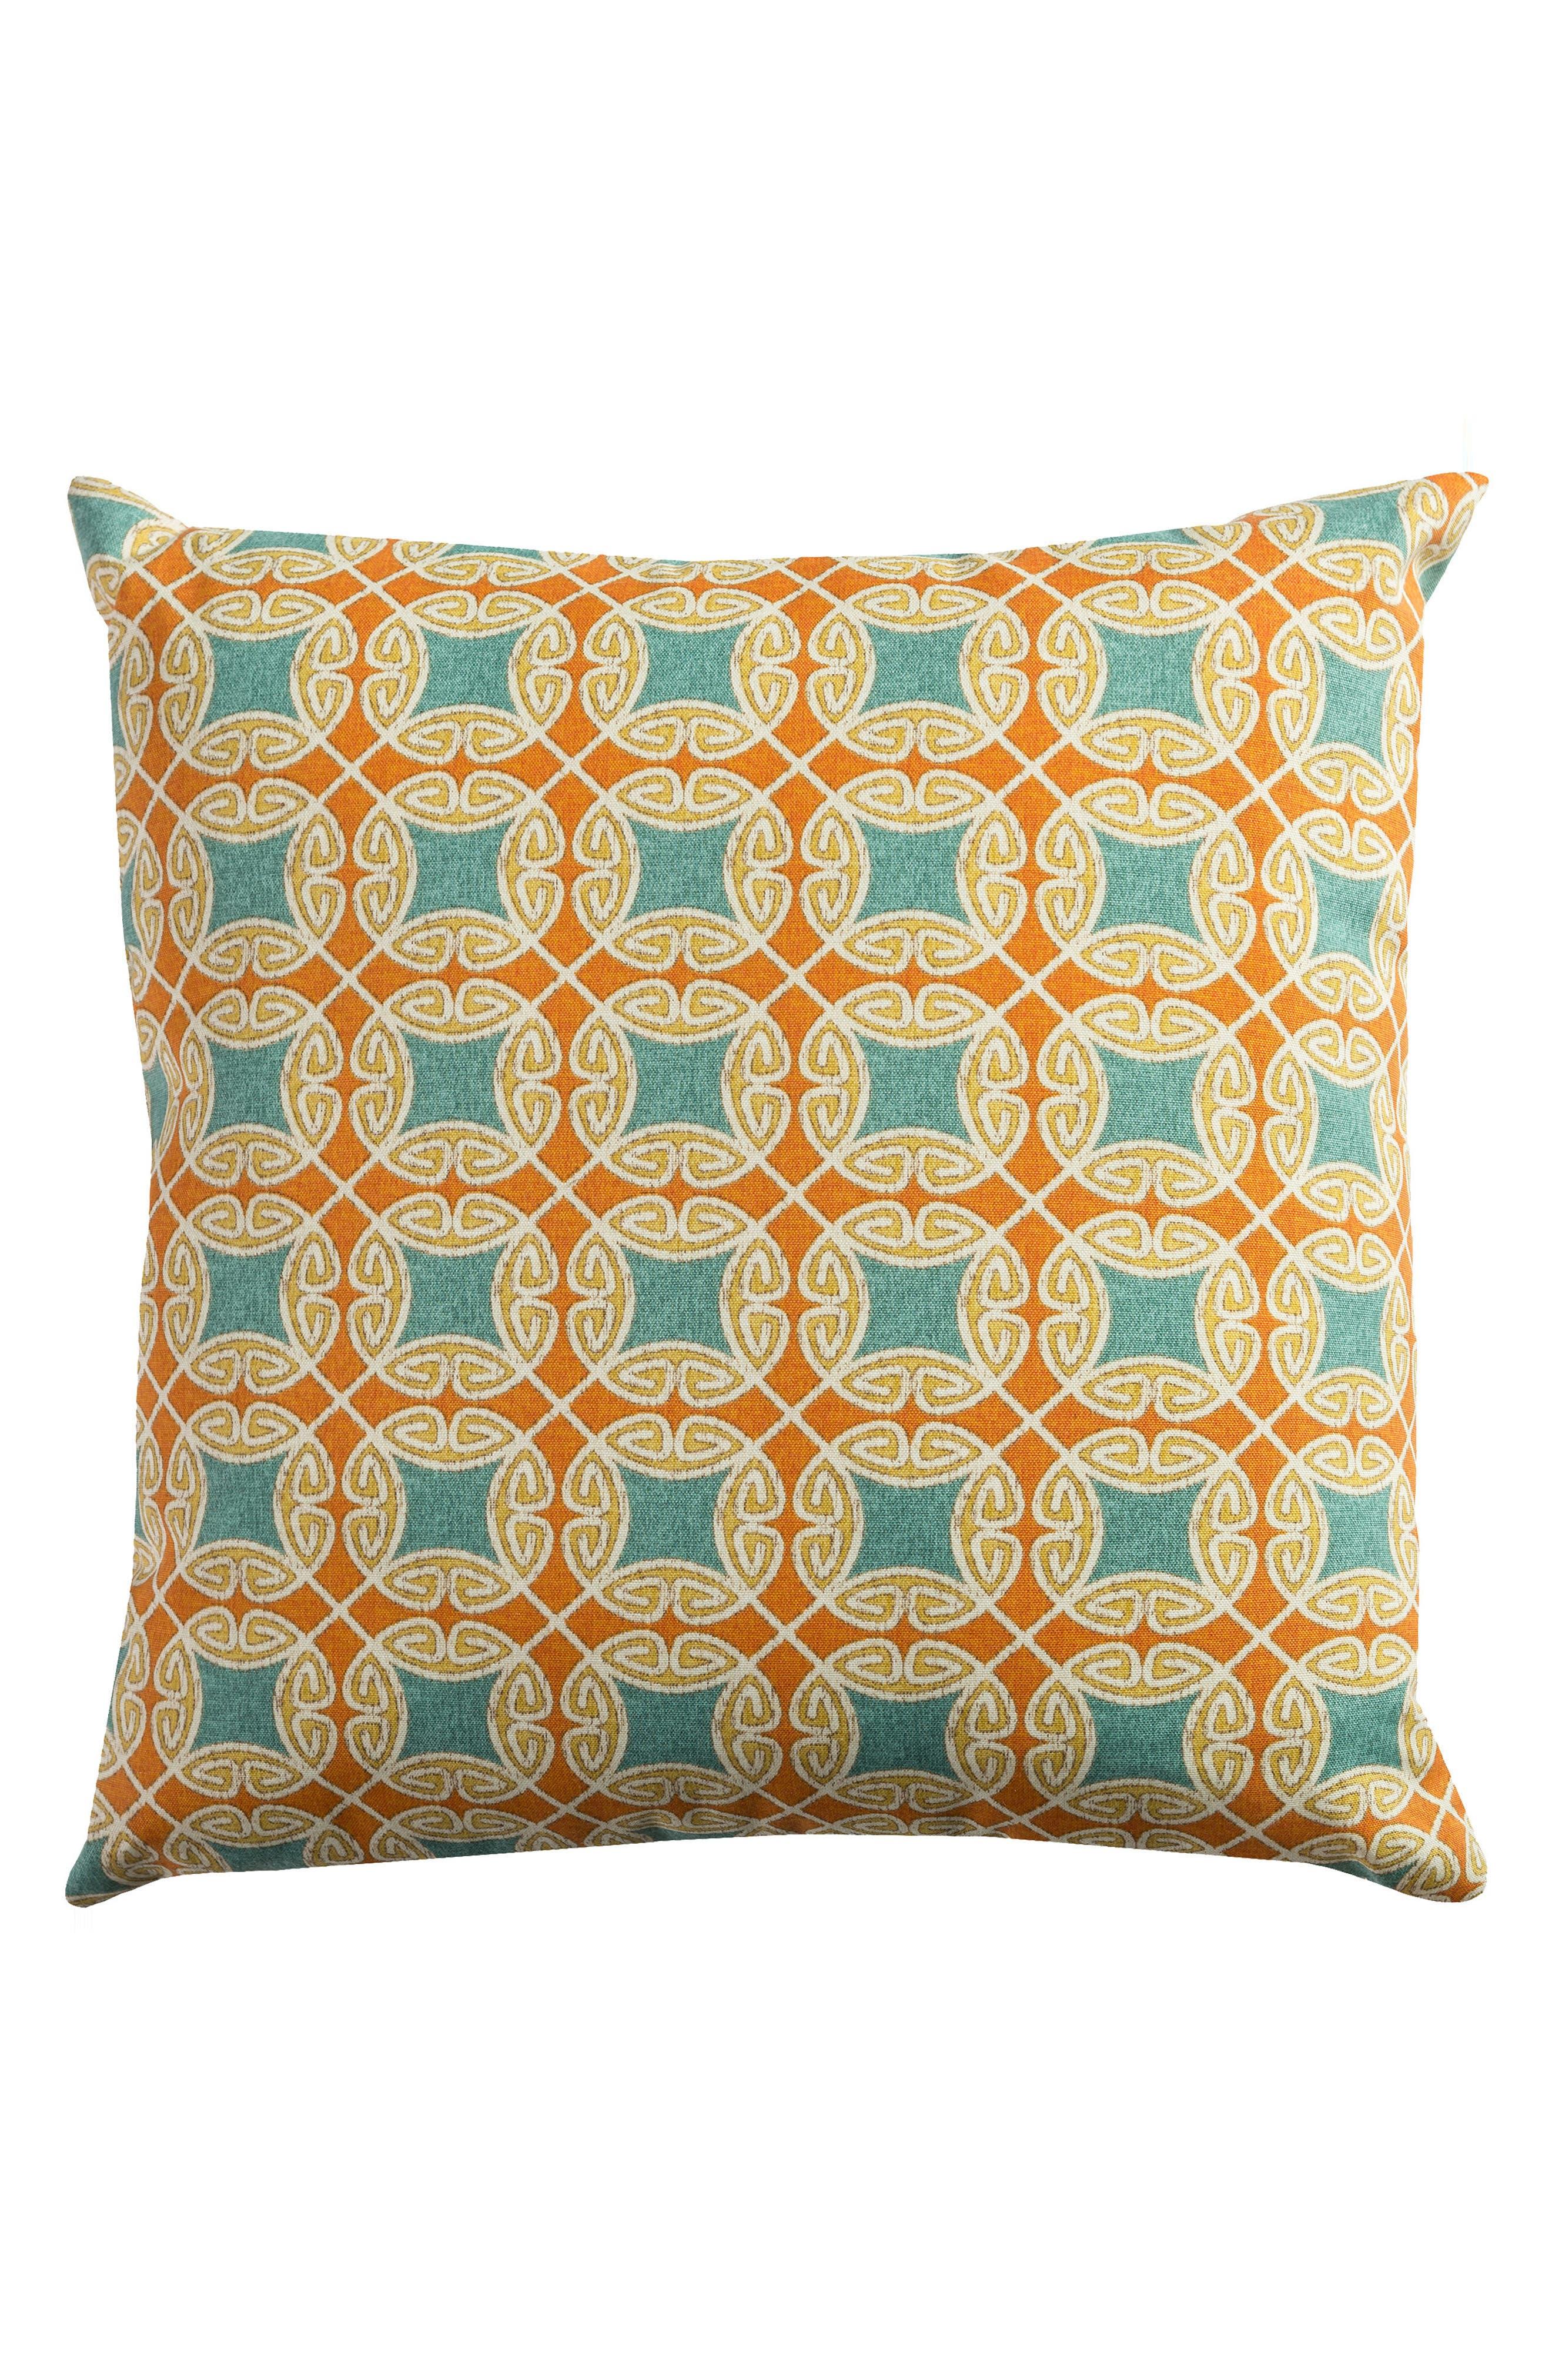 Chevron Outdoor Pillow,                             Main thumbnail 6, color,